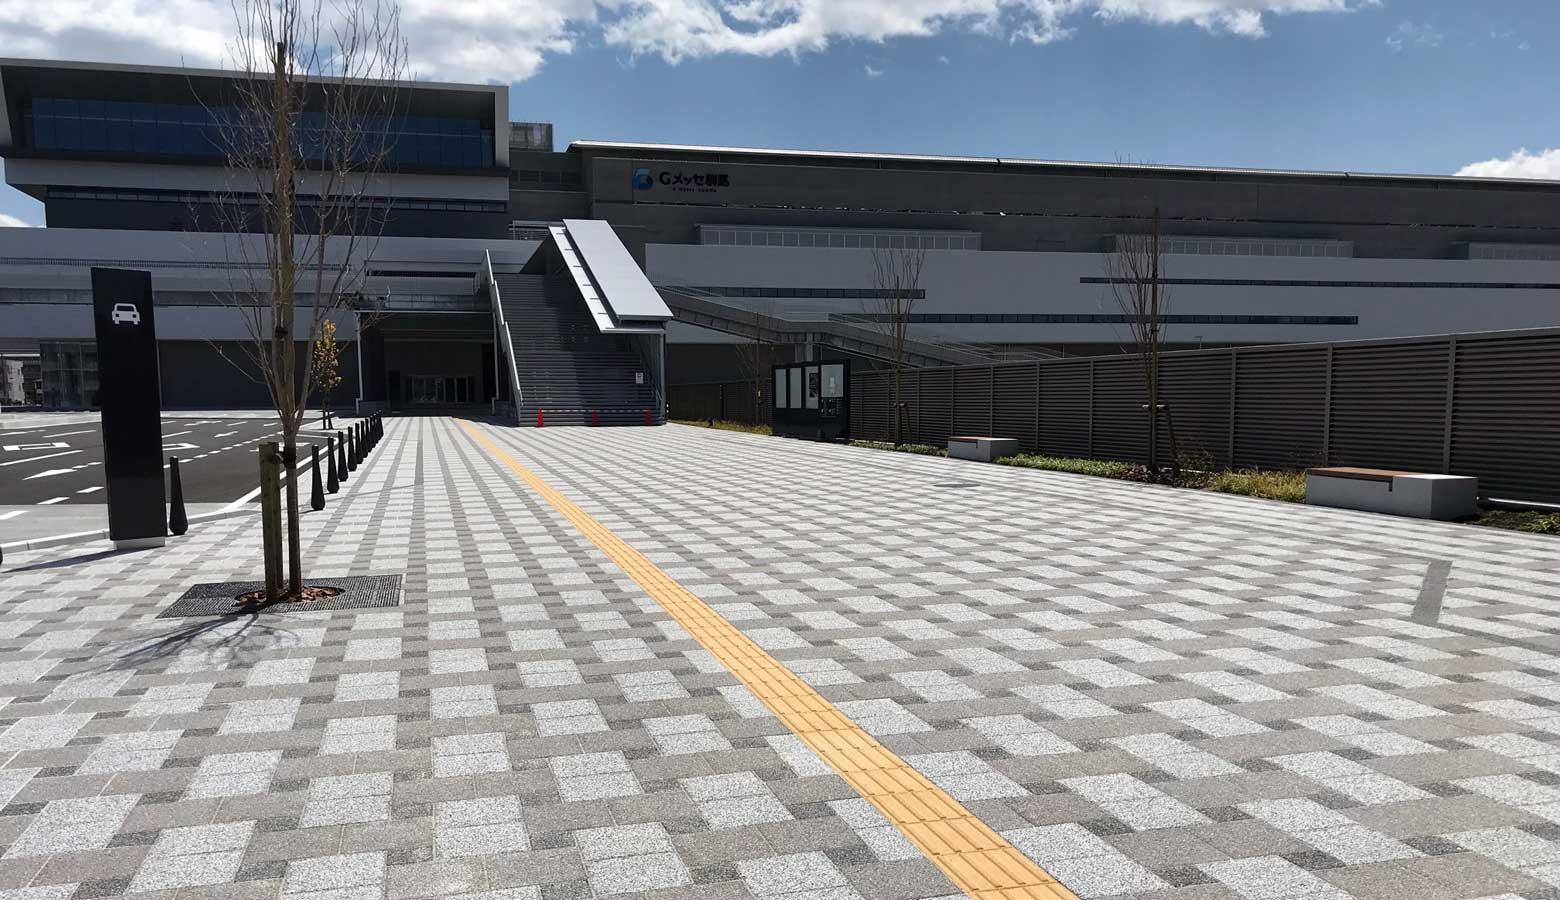 コンベンションセンター周辺のインターロッキングブロック